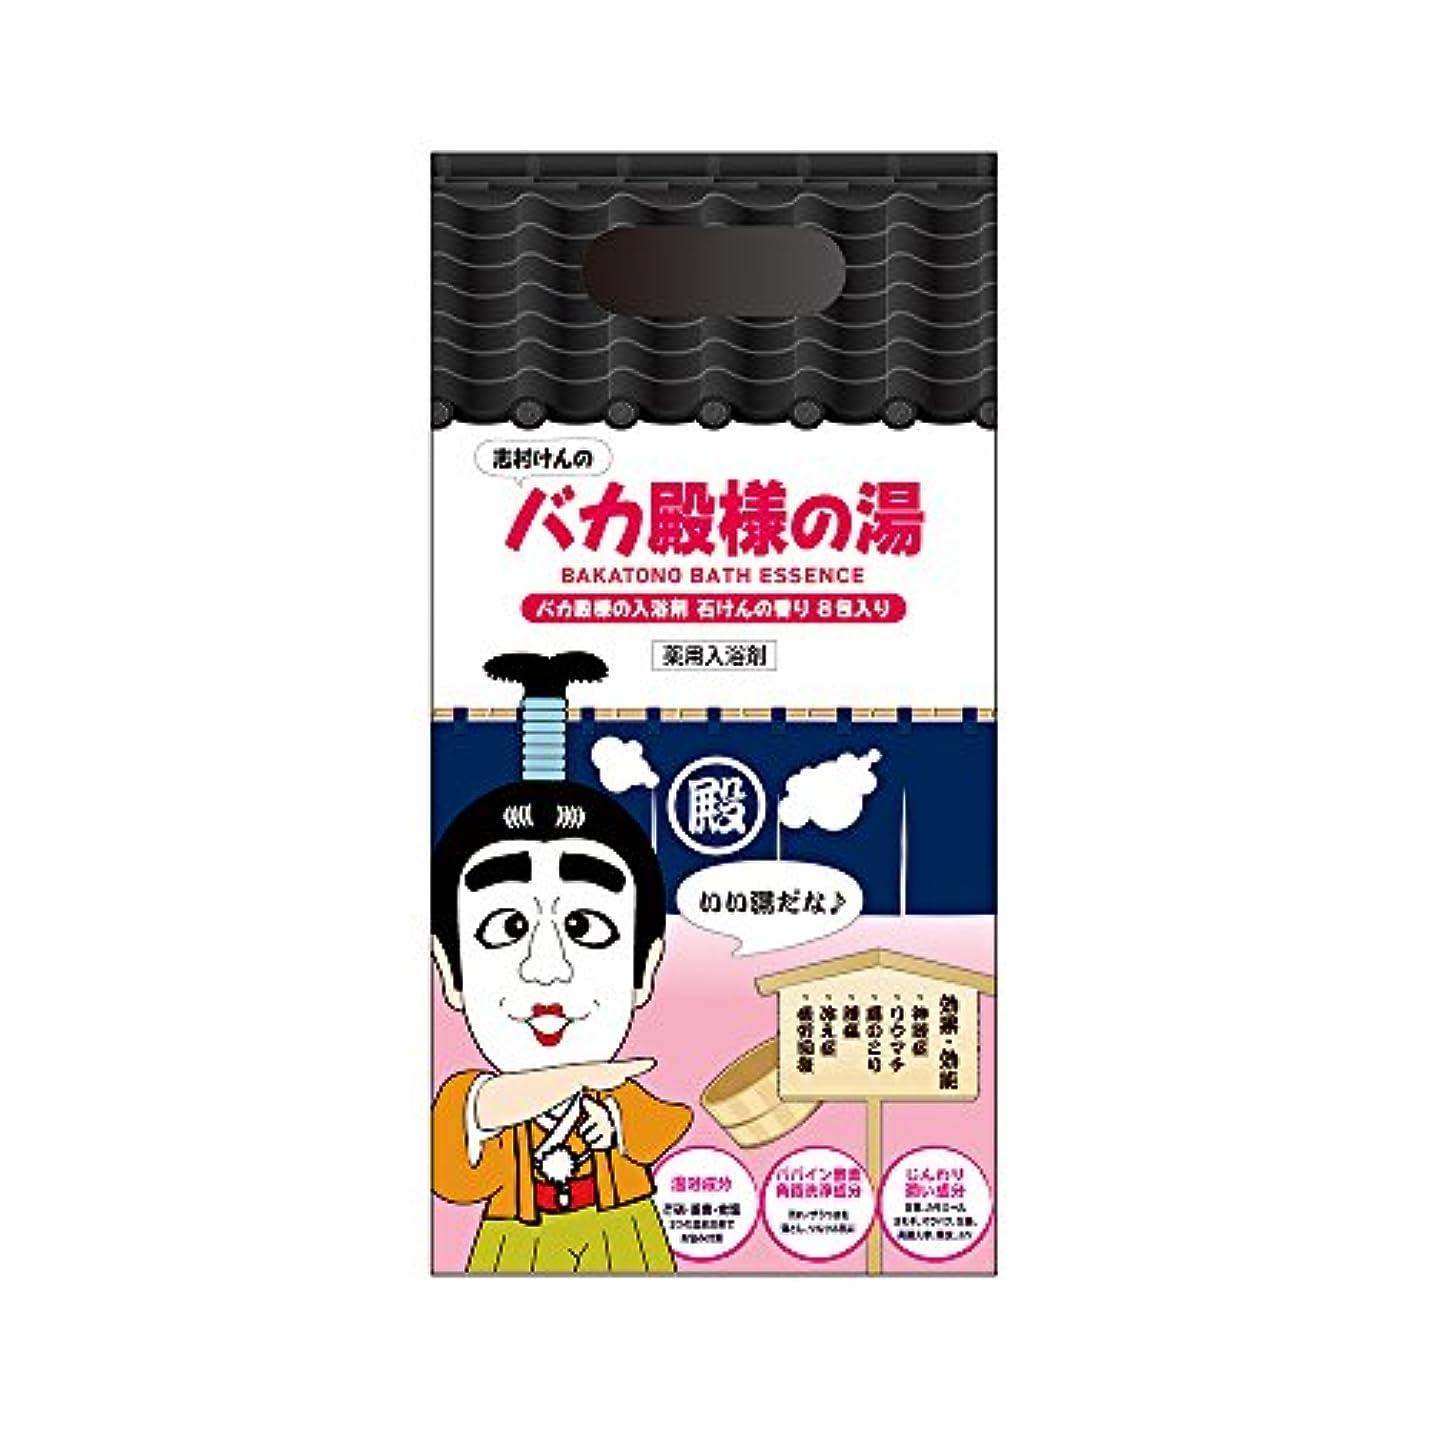 グリップ予測つぼみ志村けんのバカ殿様の湯 バカ殿様の入浴剤 石けんの香り (25g × 8包入り)